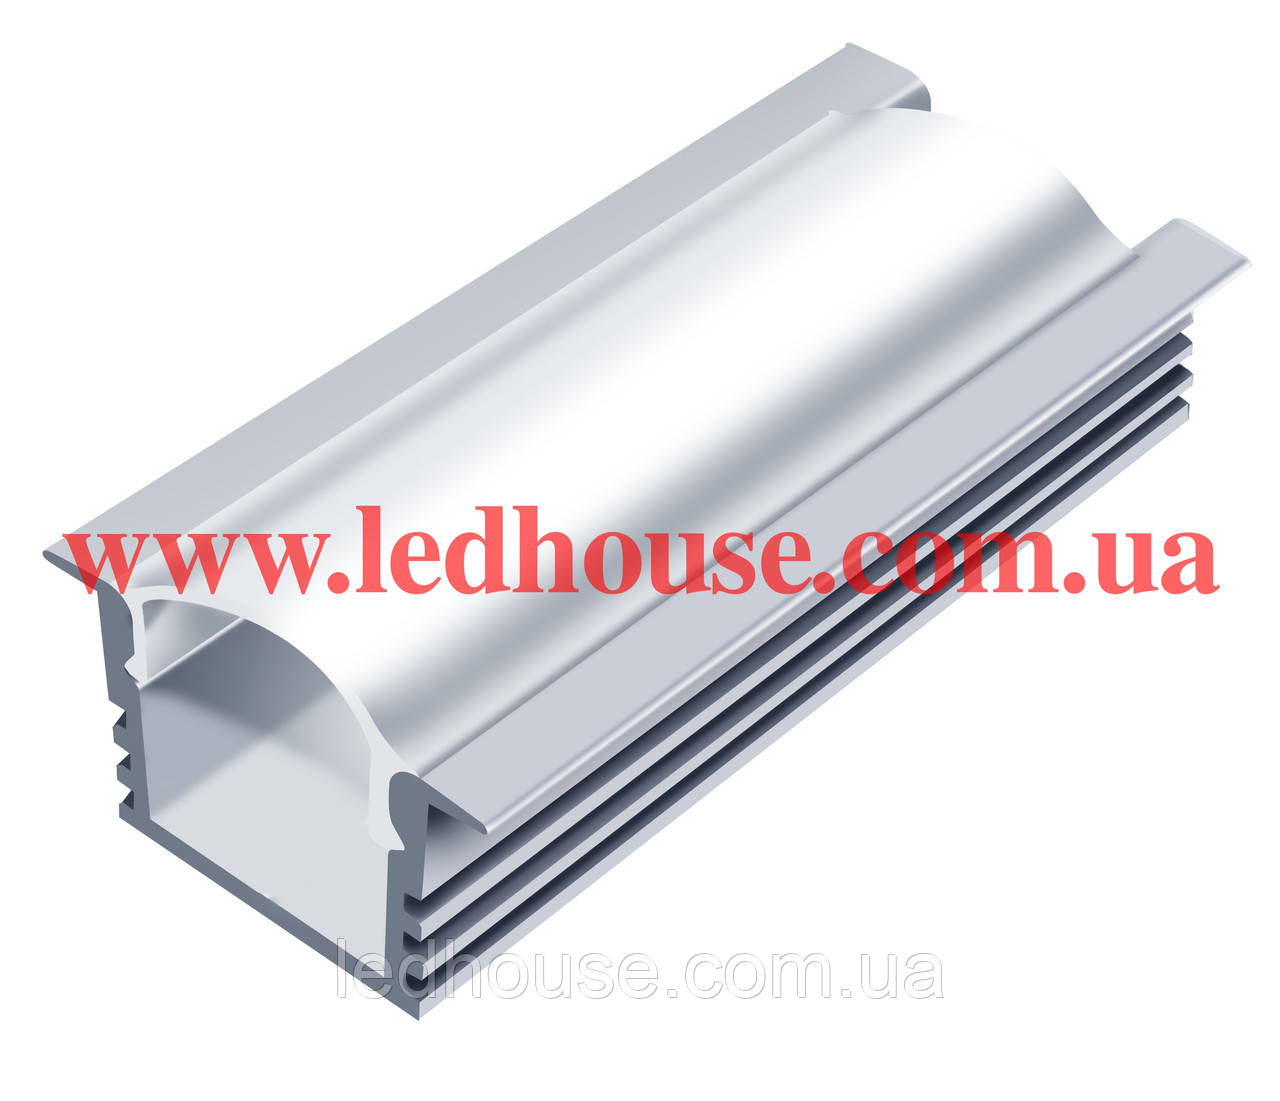 Врезной алюминиевый светодиодный профиль ЛПВ12